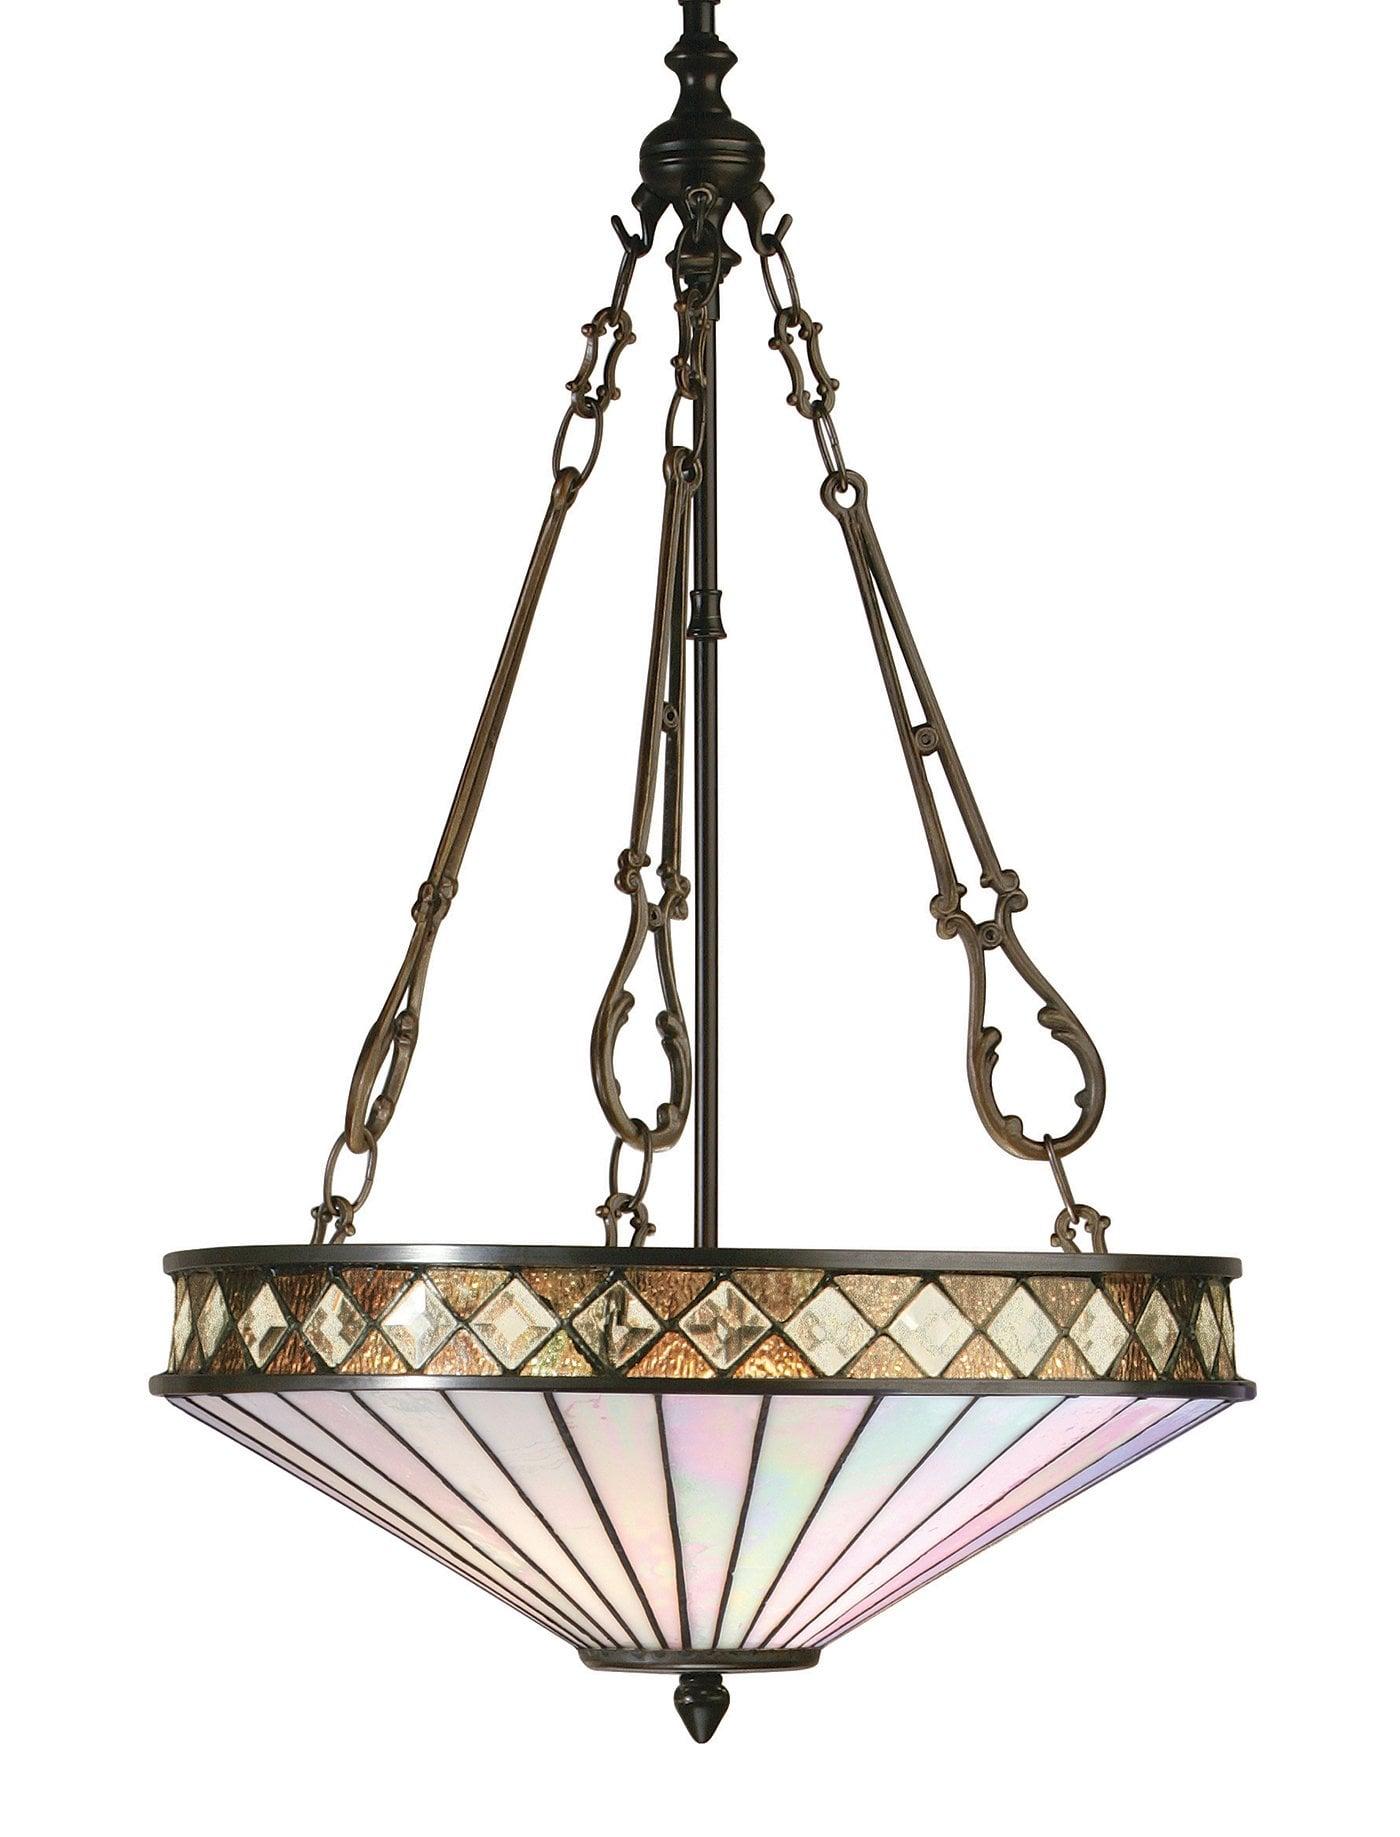 Interiors 1900 64146 Fargo Medium inverted 3lt pendant, Tiffany